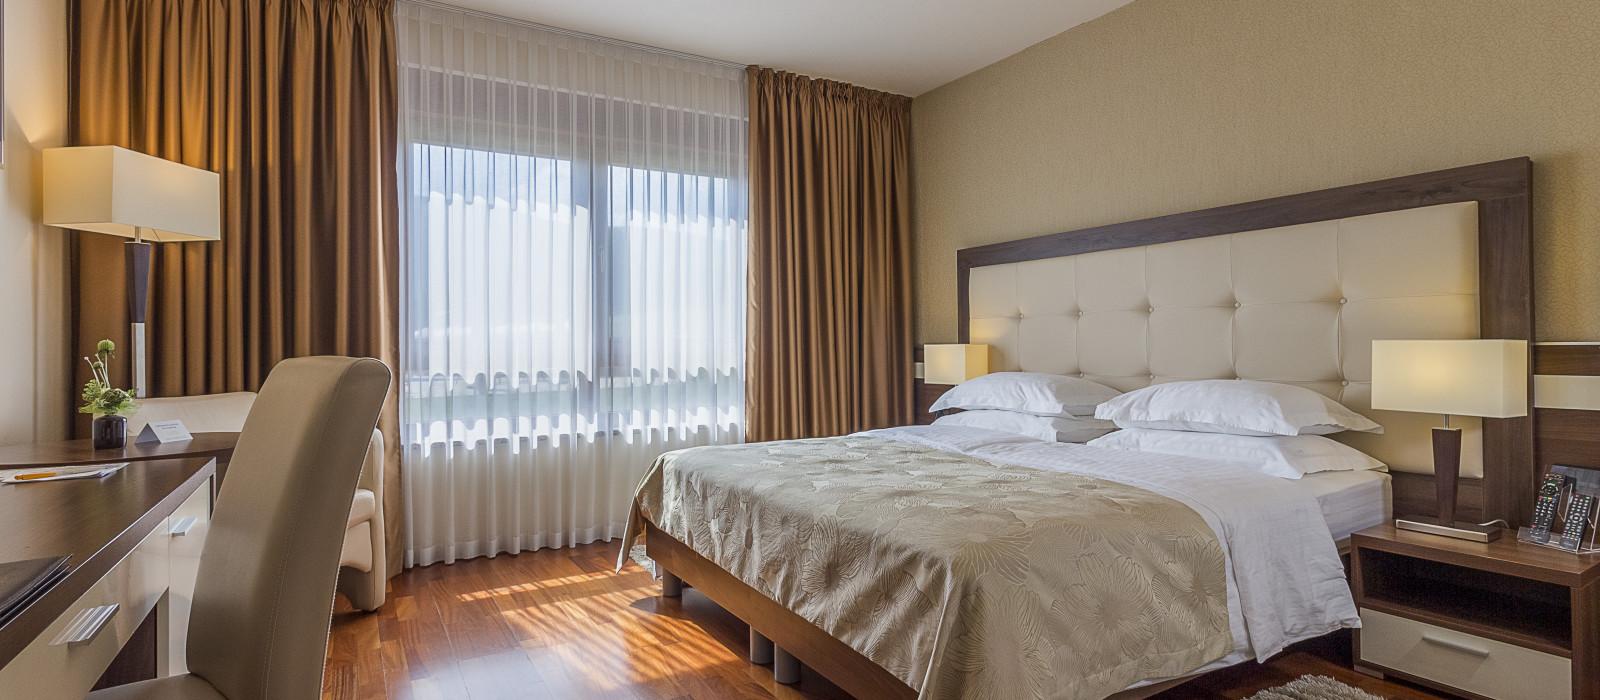 Hotel  Degenija Kroatien & Slowenien